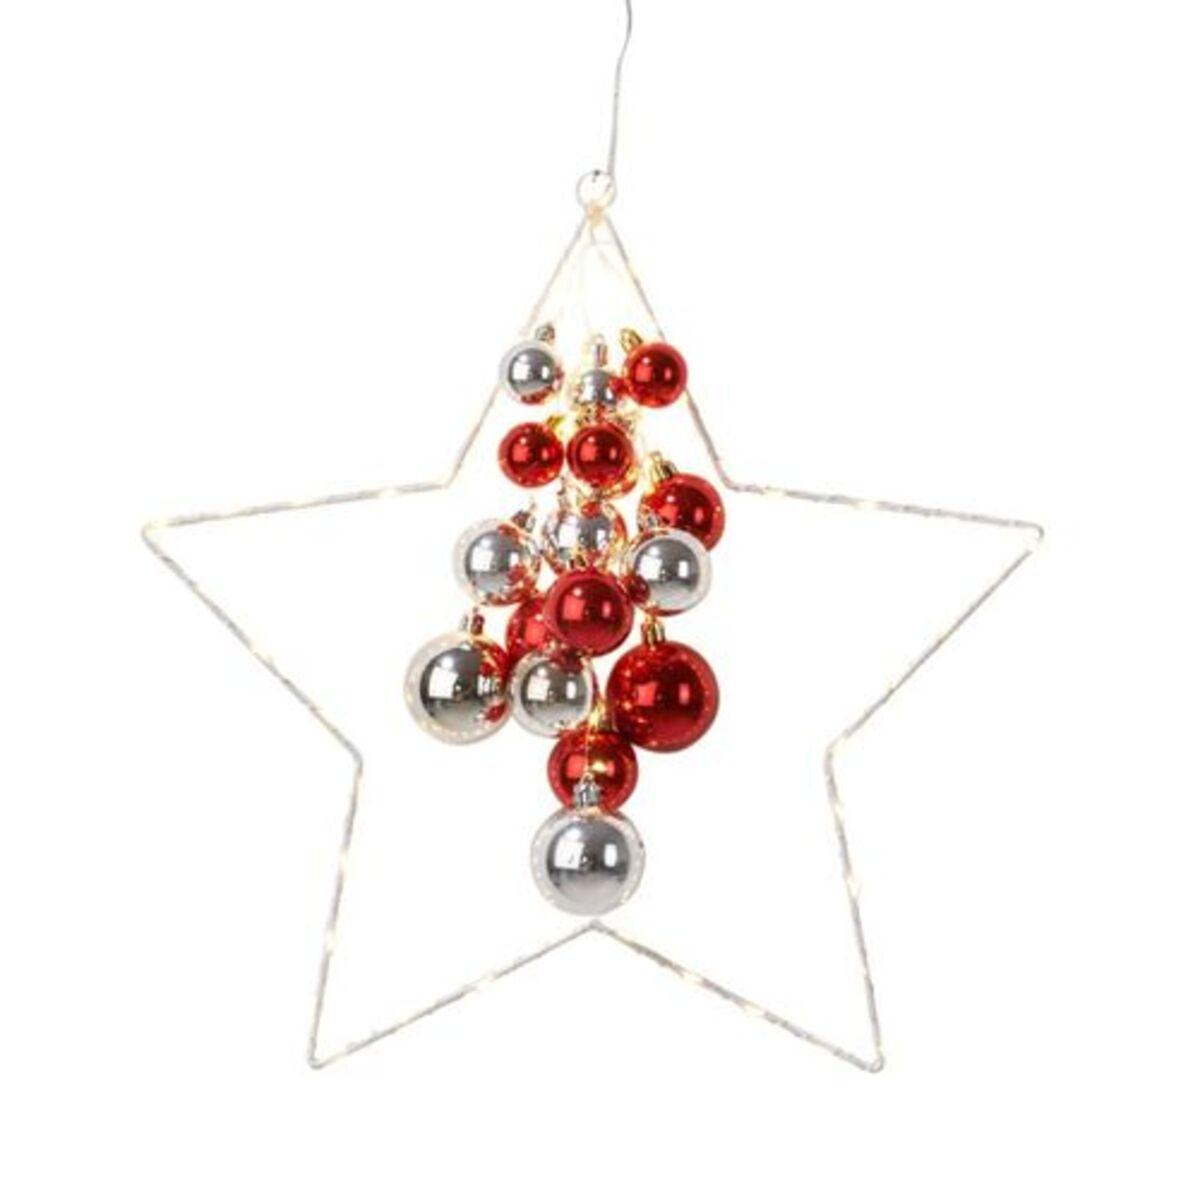 Bild 4 von Pureday LED-Deko-Objekt 'Starlight', Silberfarben/Rot, klein, silberfarben/rot